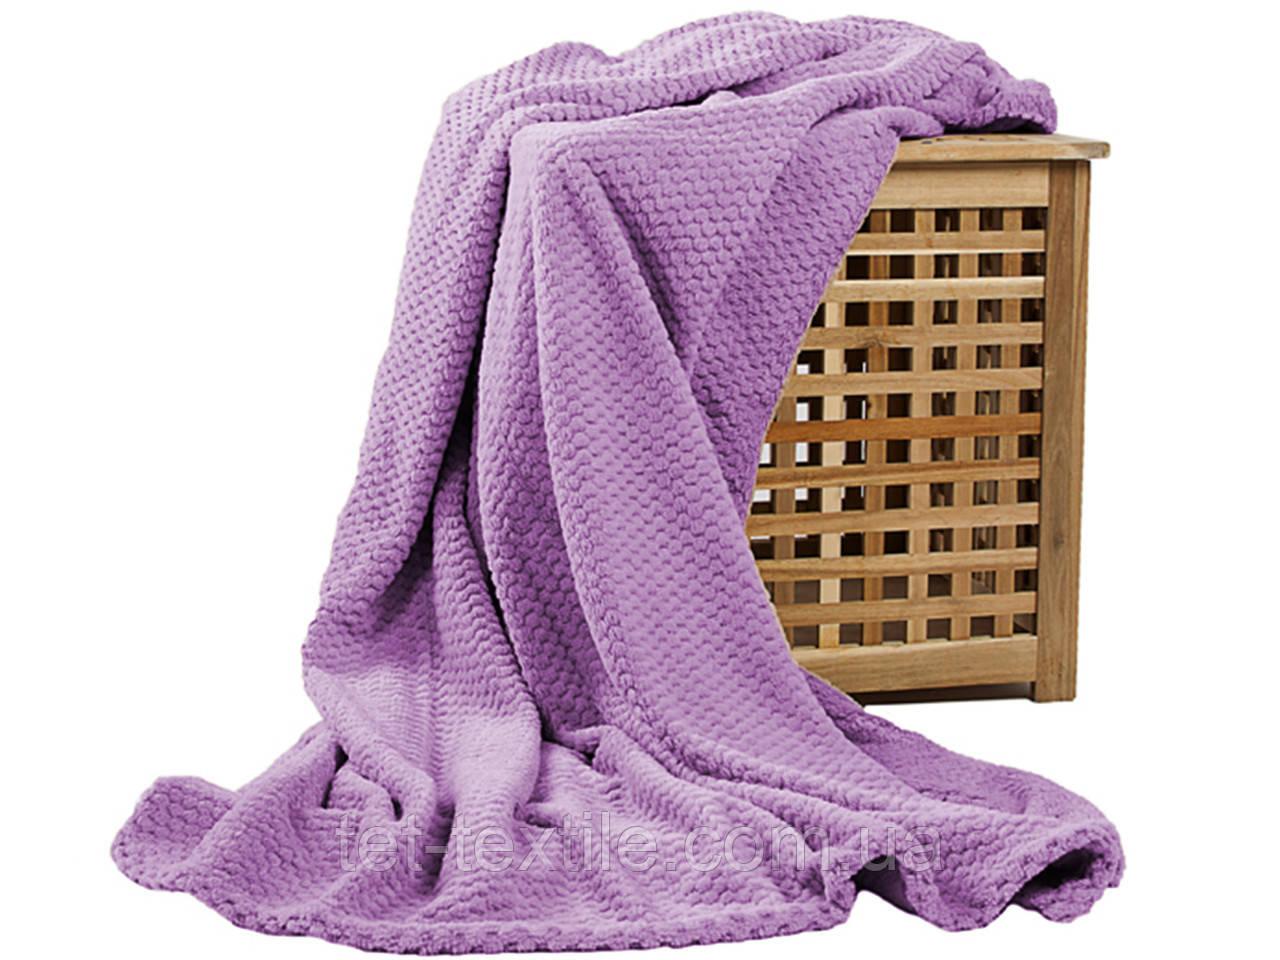 Плед из бамбукового волокна Koloco Сиреневый (180х220)